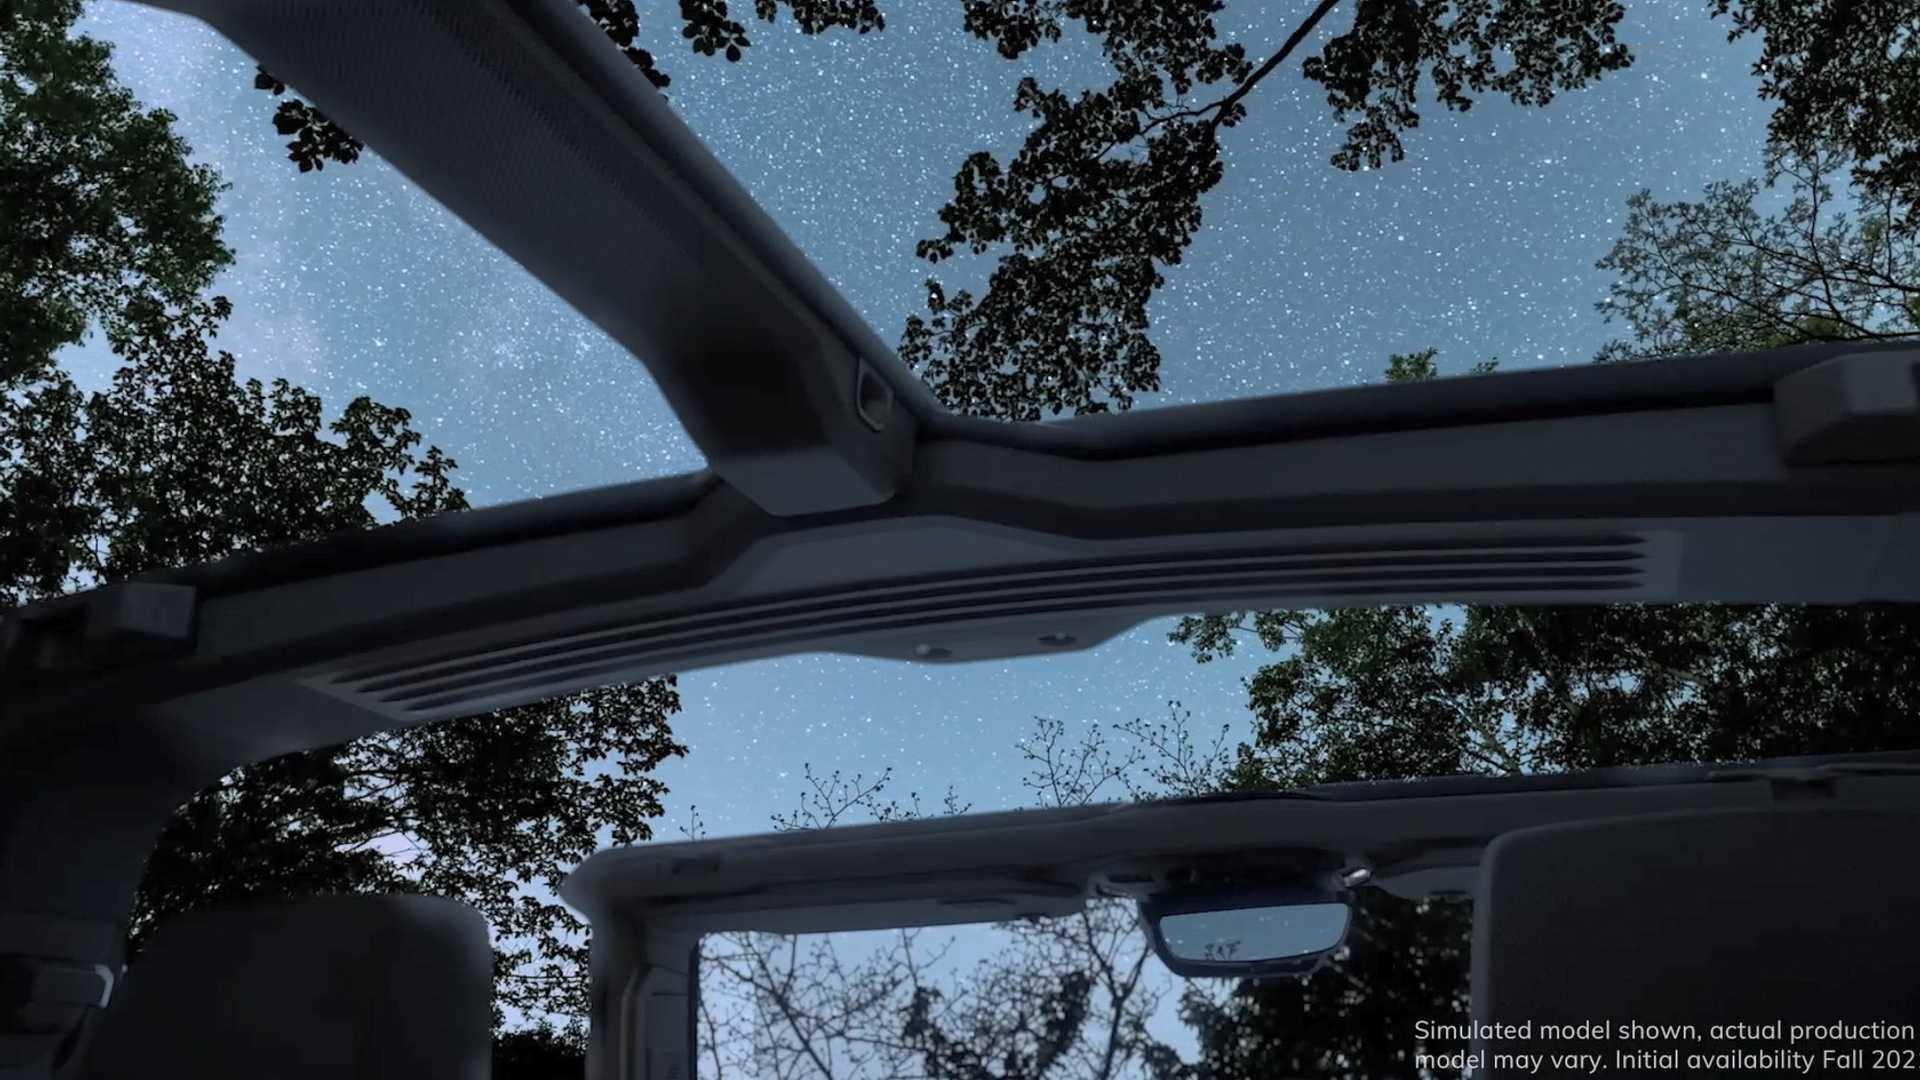 Пикап GMC Hummer Electric демонстрирует исчезающую крышу